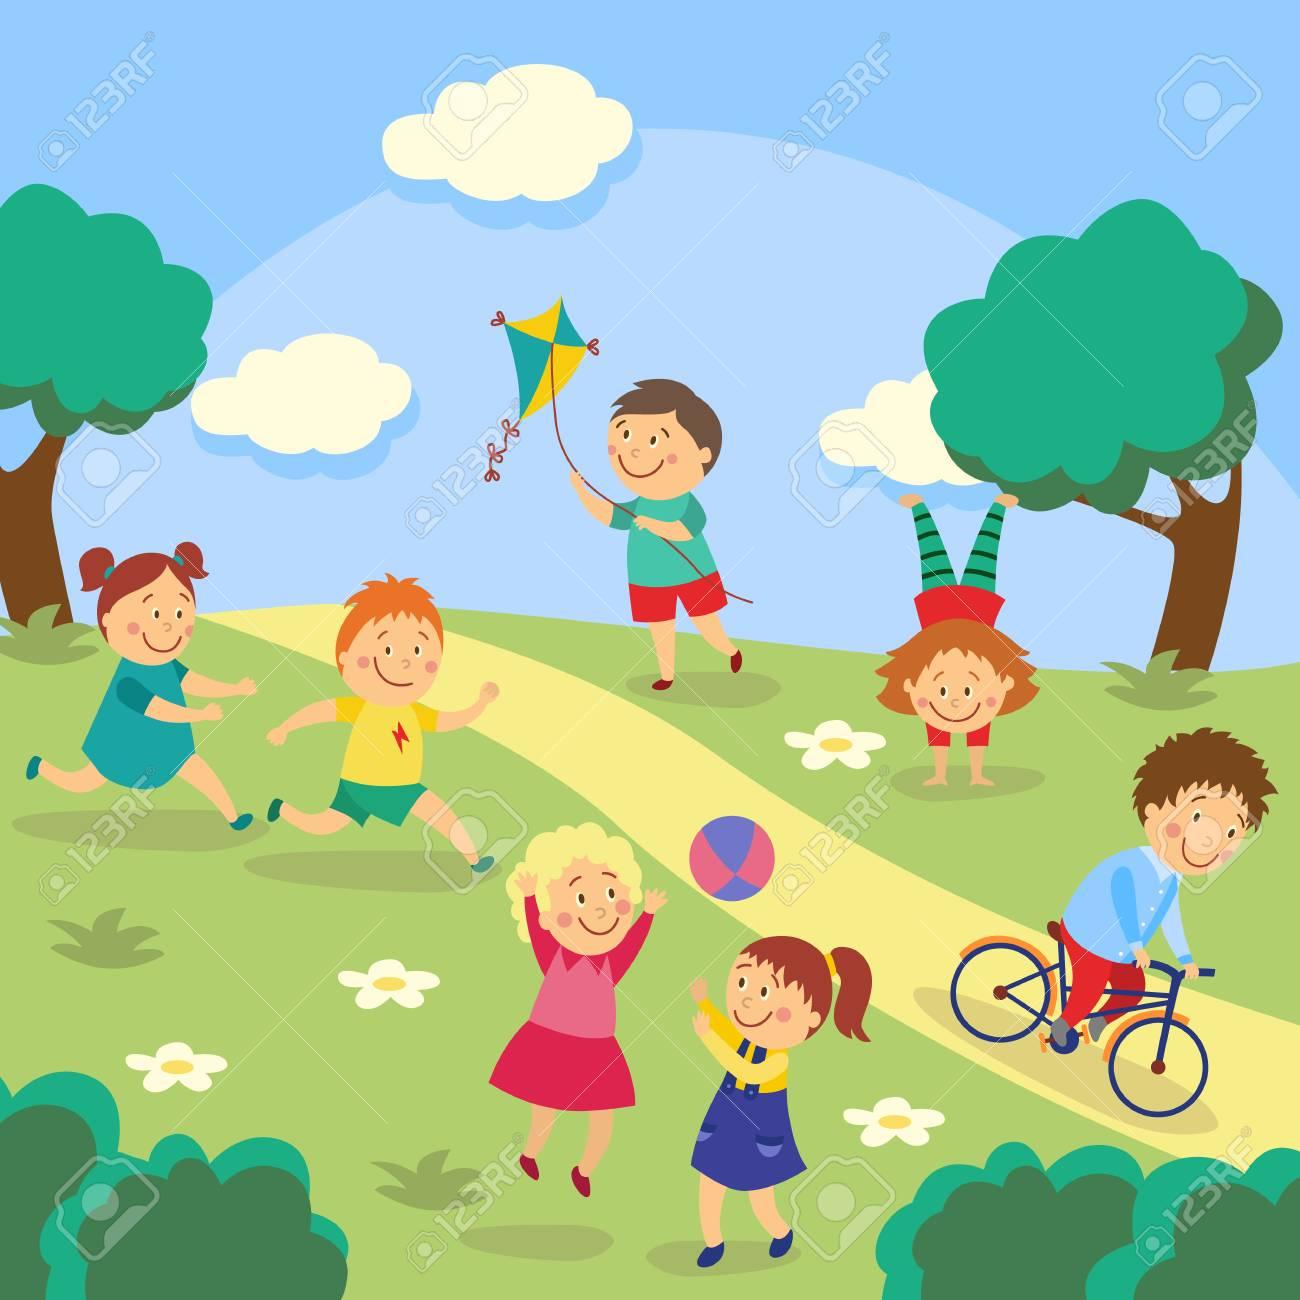 子供たちはカイトフライング タグとボールを遊んでいる子供たち公園